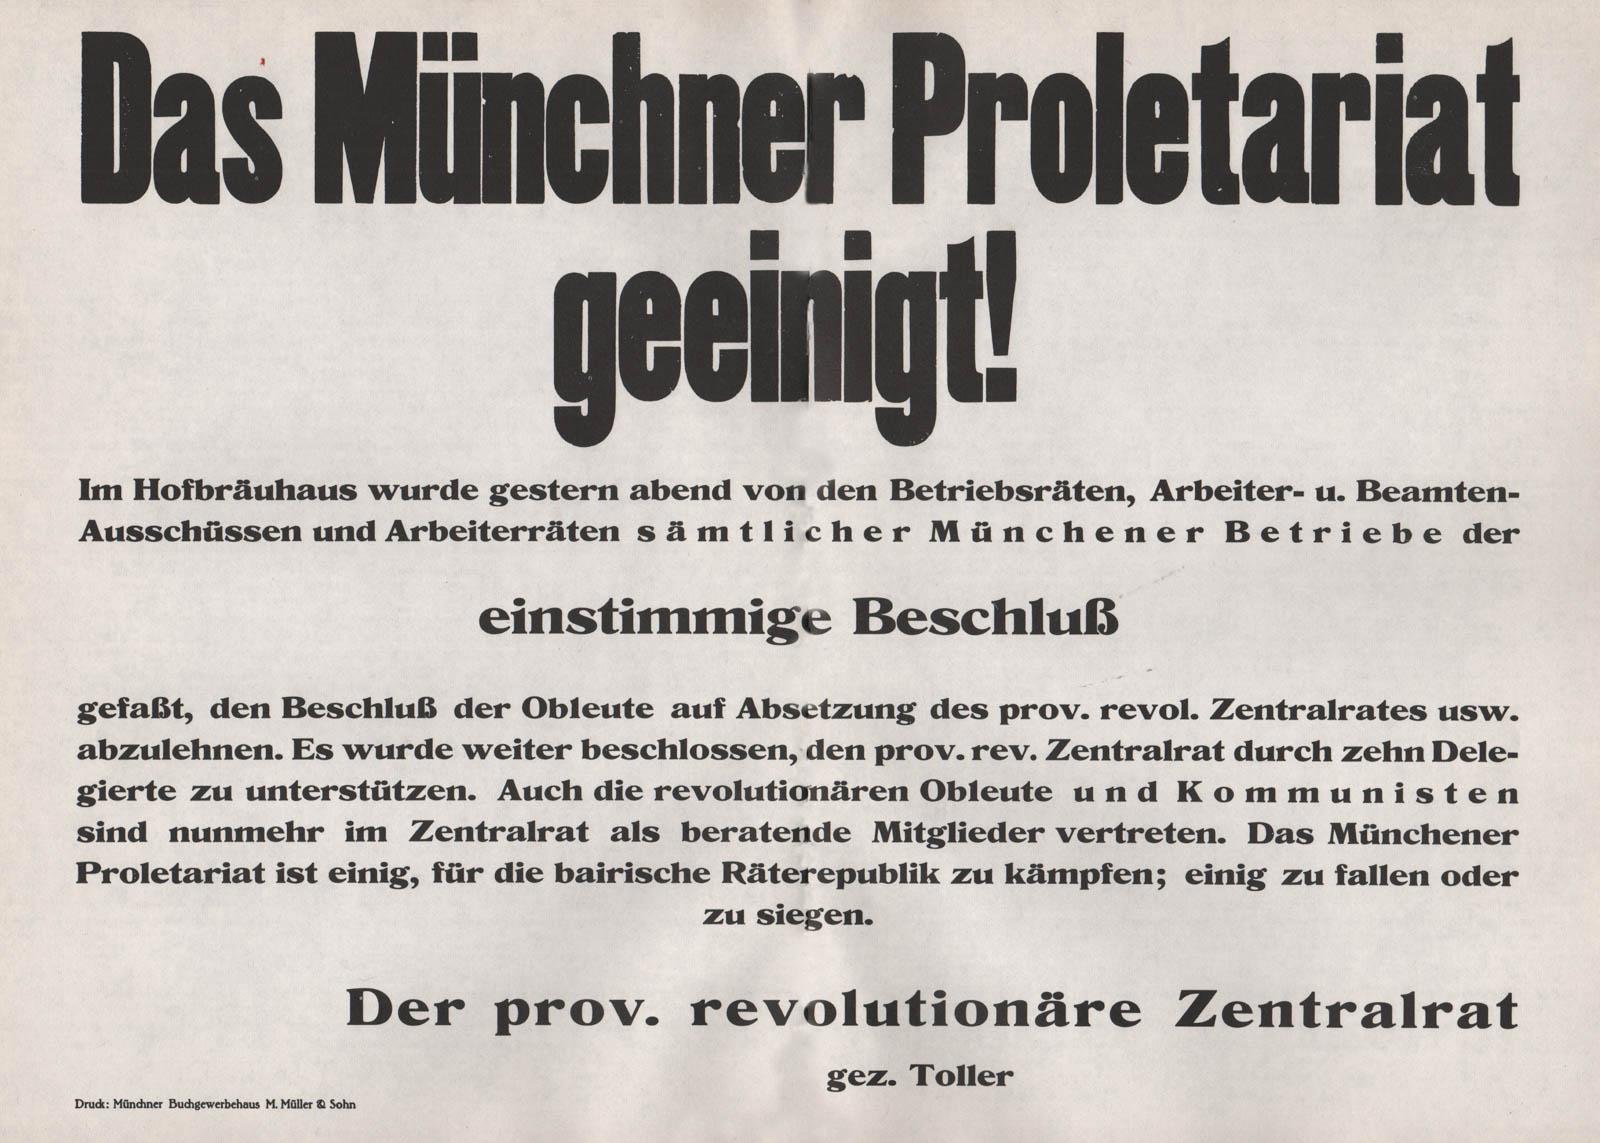 Das Münchner Proletariat geeinigt!